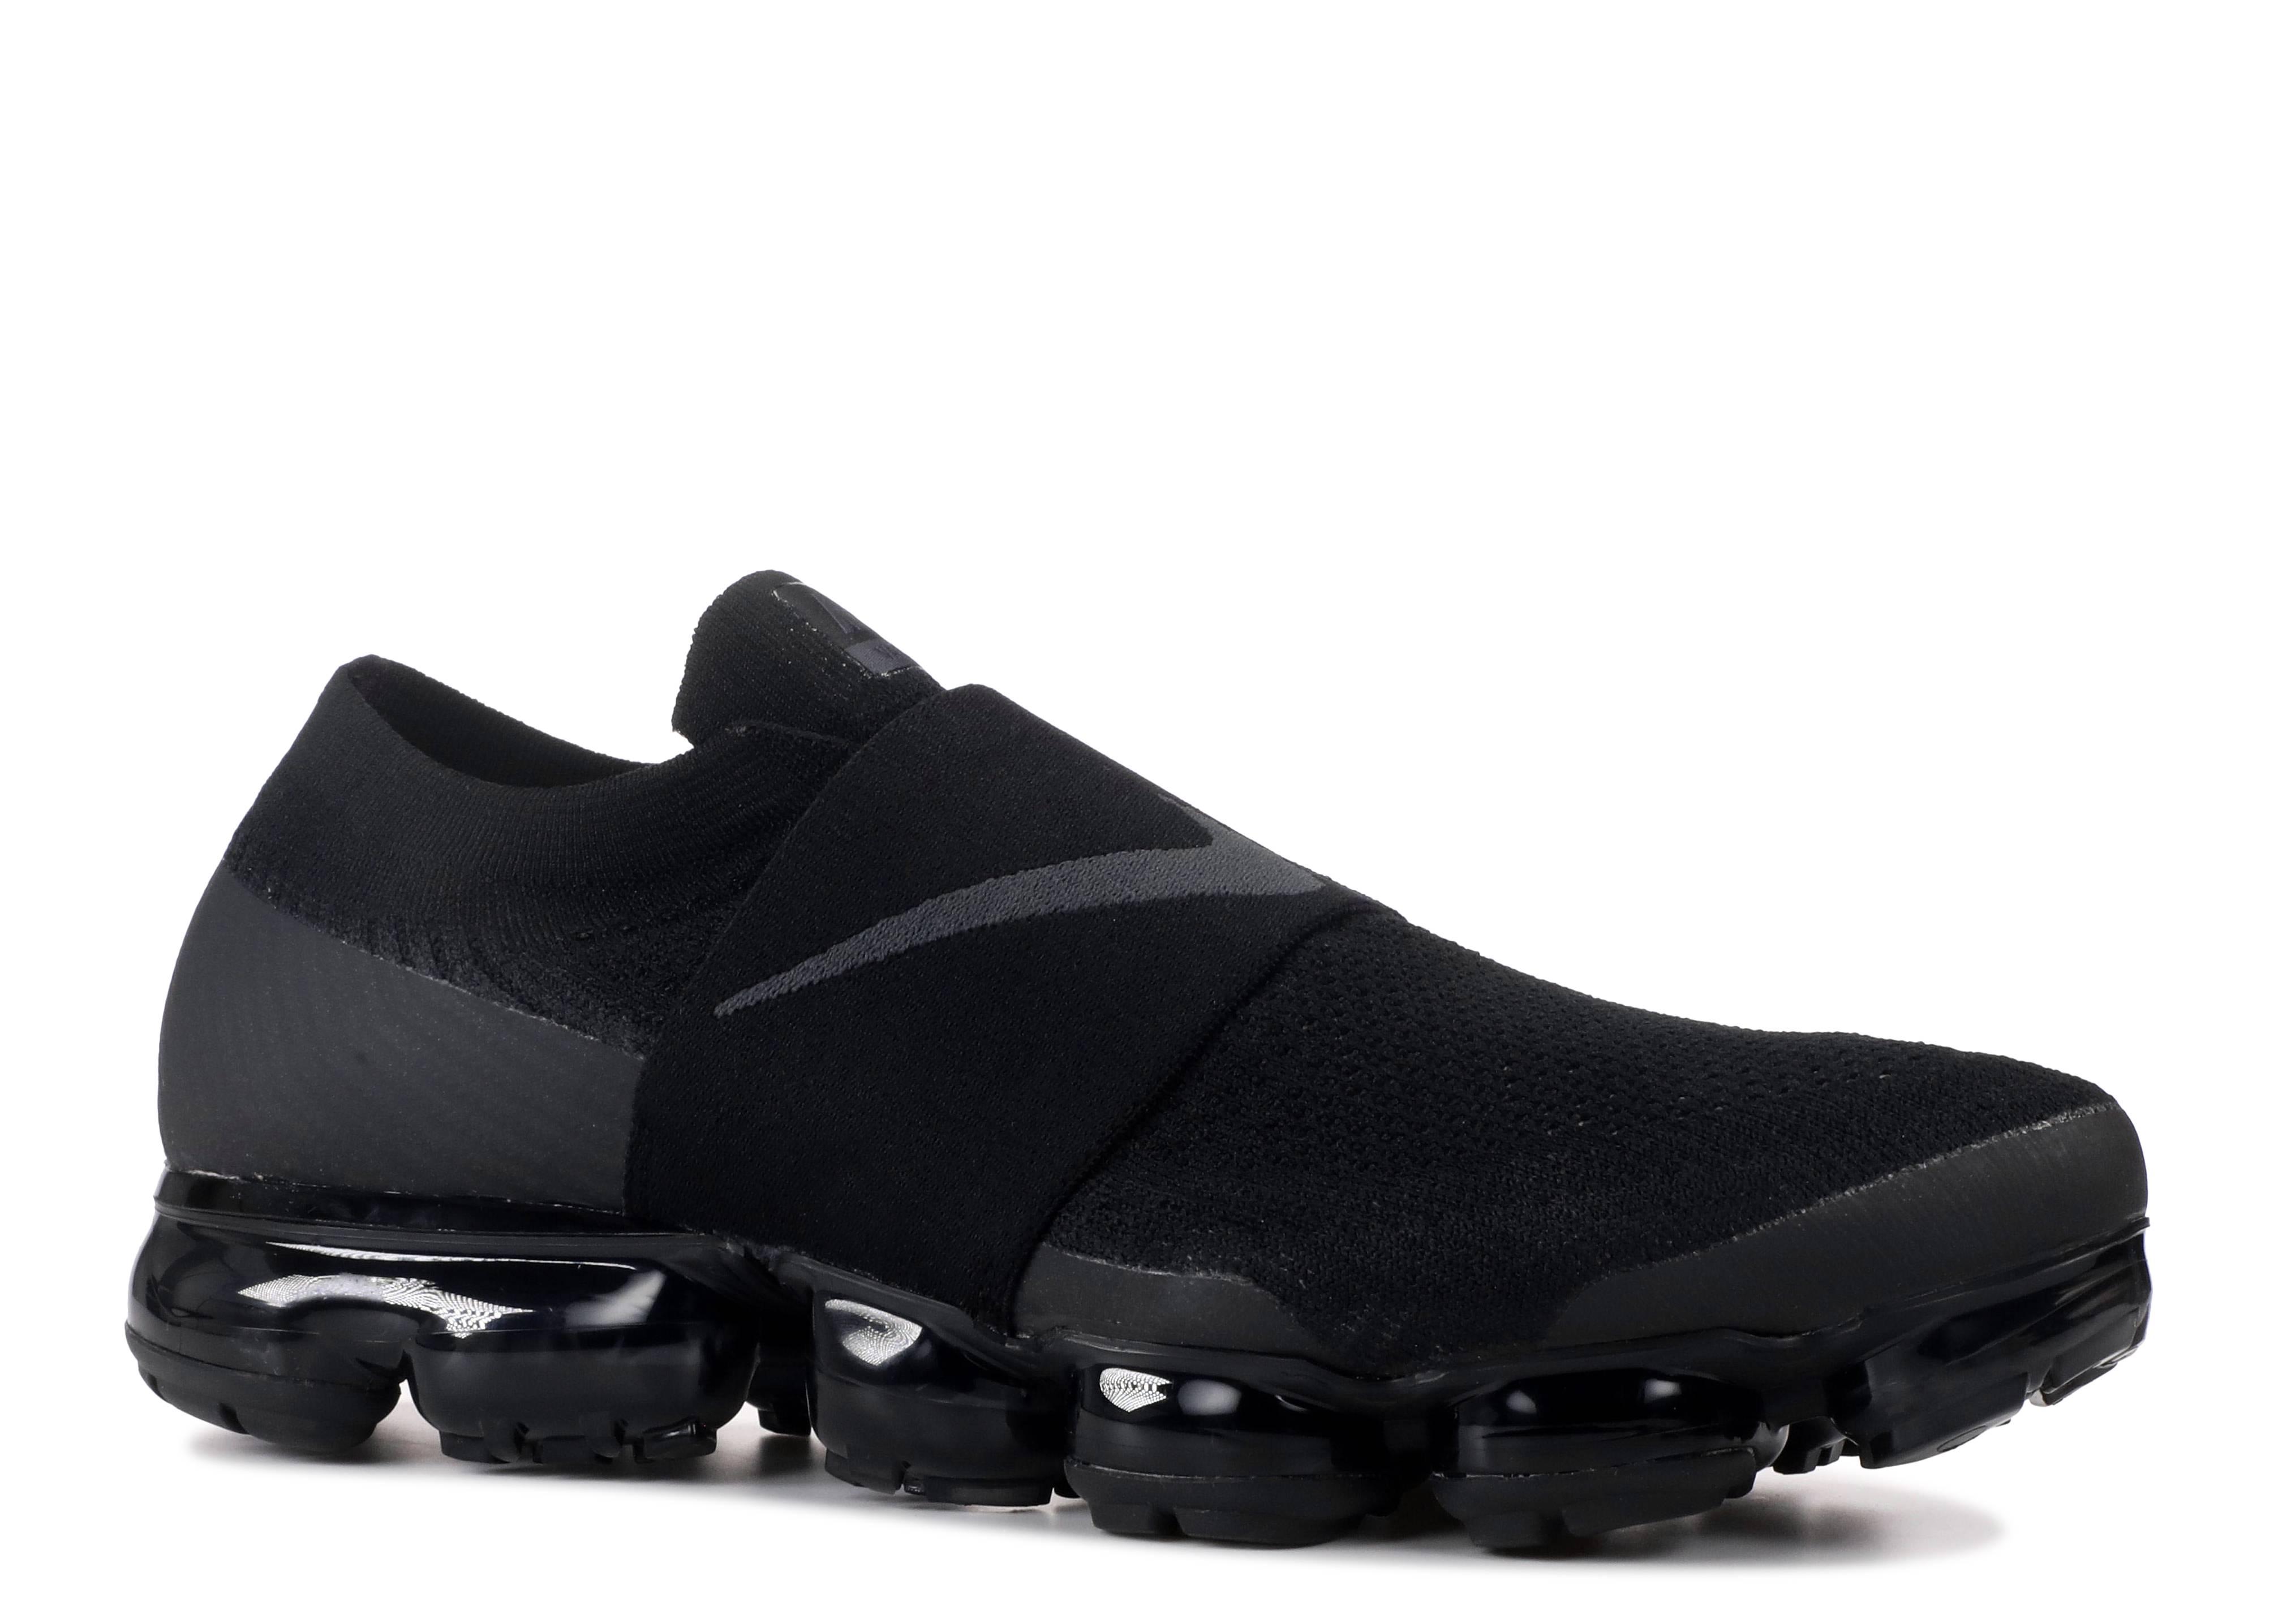 640c0c5e4f818 Nike Air Vapormax Moc Triple Black - 1